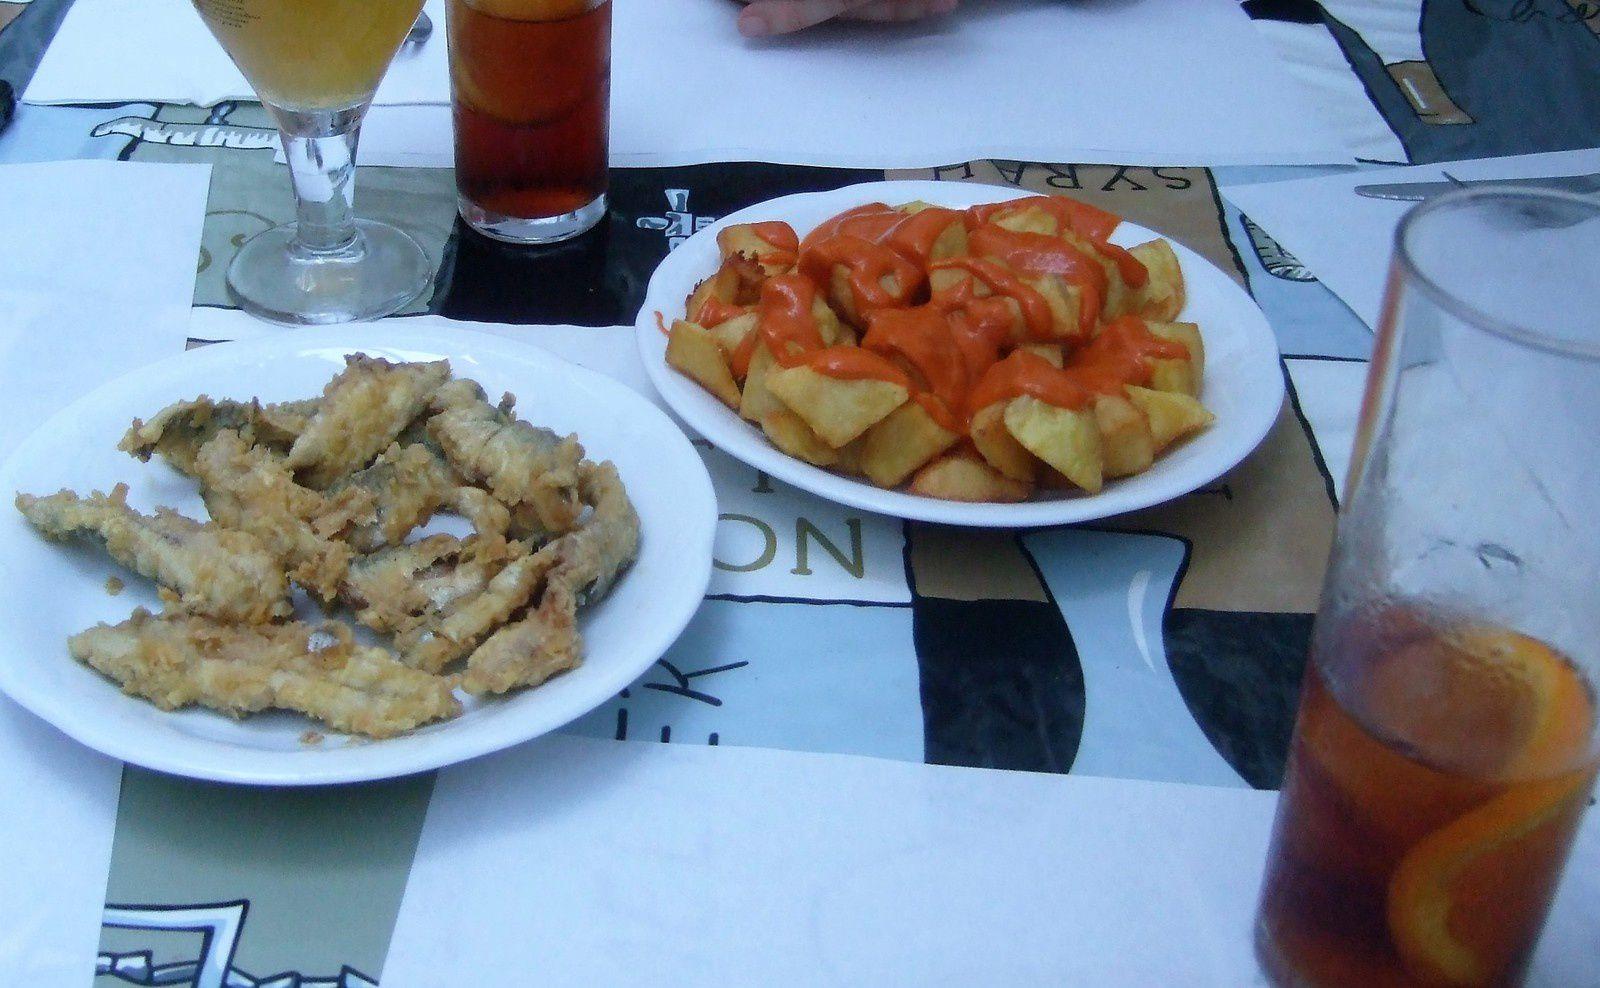 Ce sont des harengs frais frits, des pommes de terre rissolées accompagnées d'une sauce piquante juste ce qu'il faut pour relever le plat un délice , pour faire passer ce délicieux en cas un verre de Vermouth bien frais ...